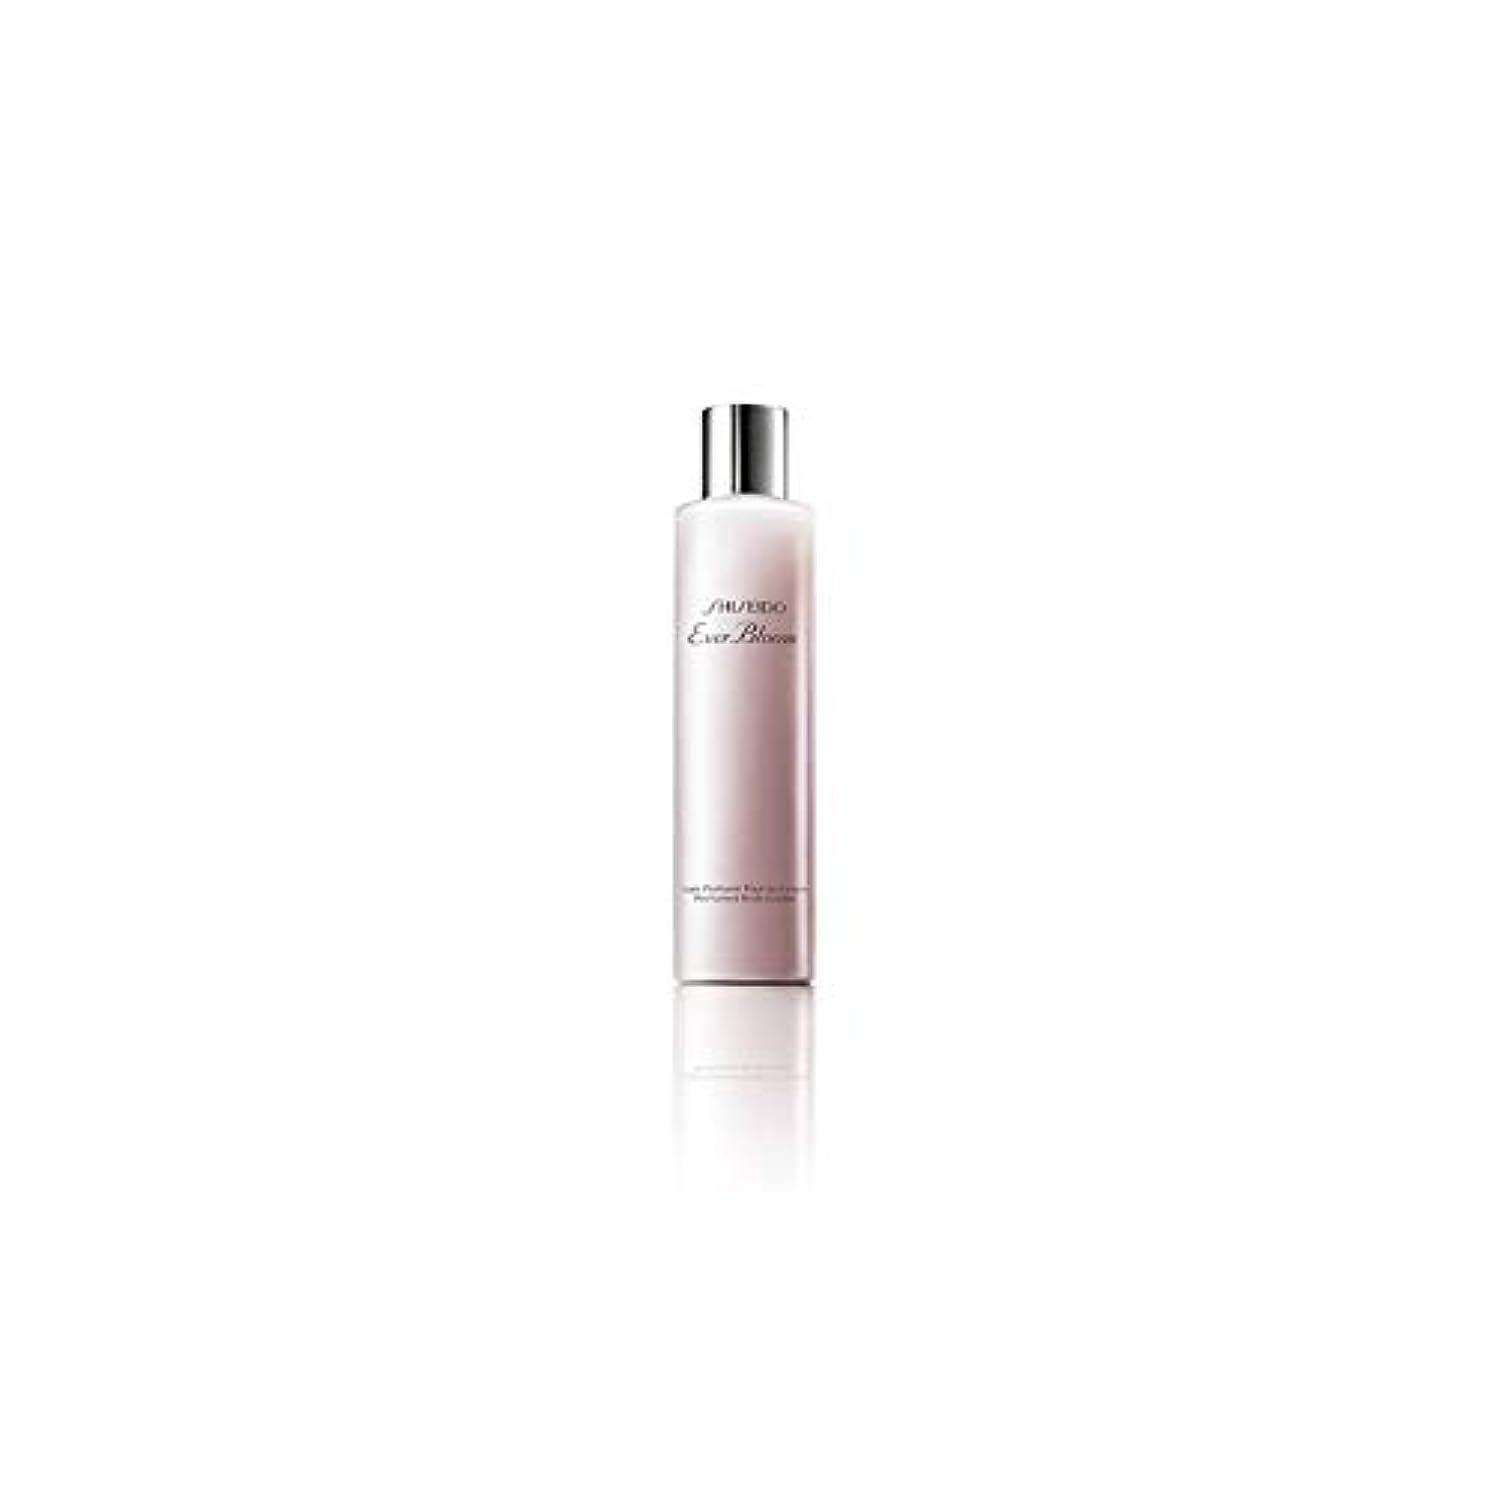 不正確強調する構成員[Shiseido] 資生堂これまでブルームシャワークリーム(30ミリリットル) - Shiseido Ever Bloom Shower Cream (30ml) [並行輸入品]